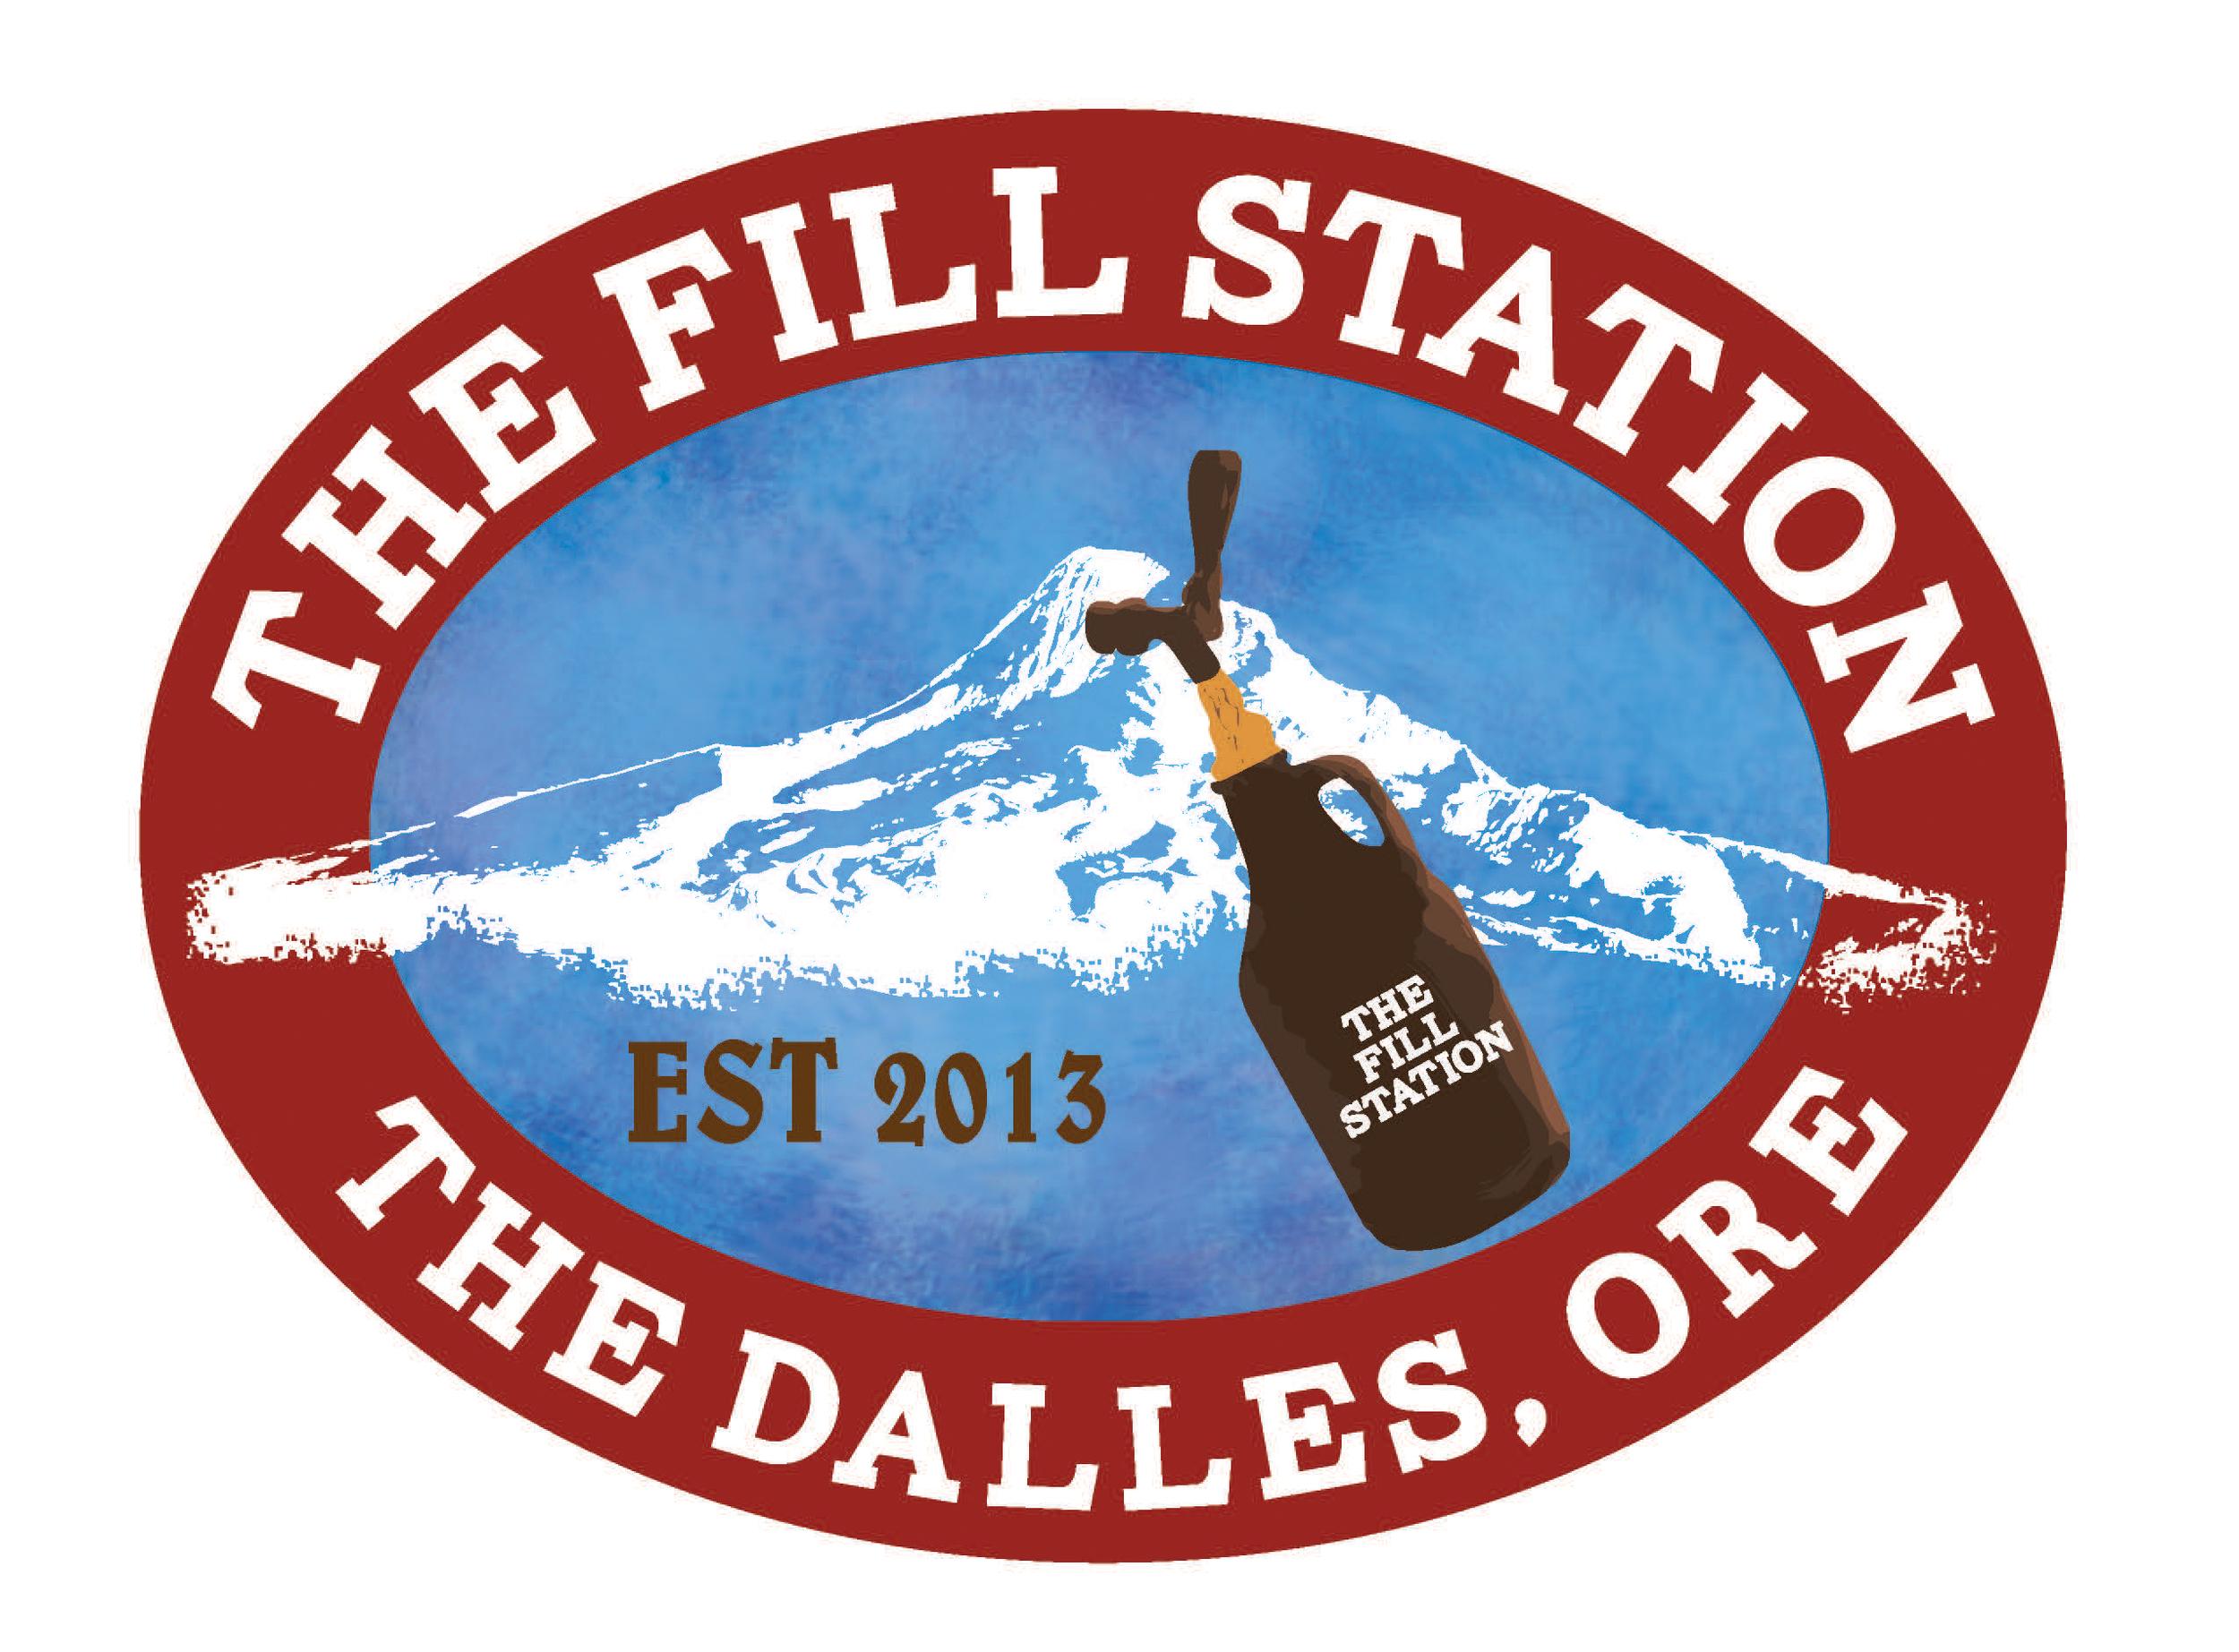 FillsStationLogo.jpg